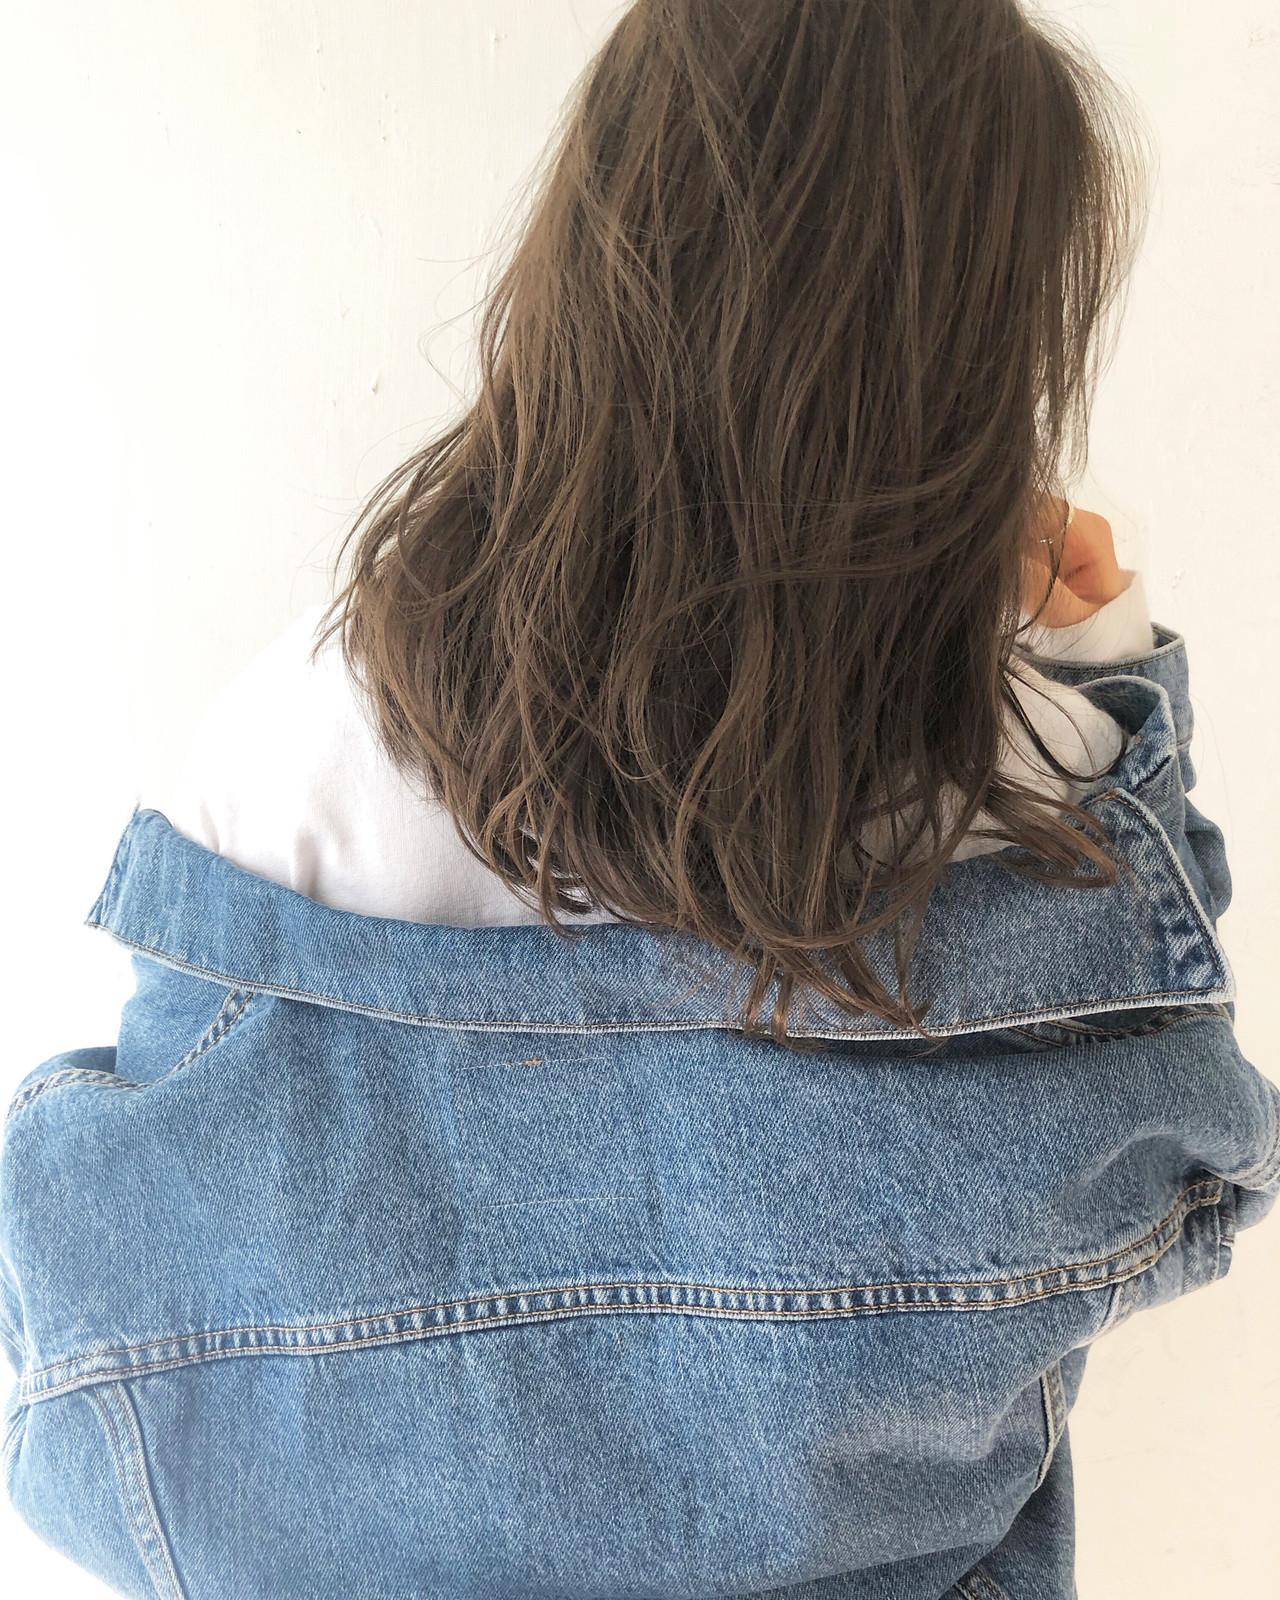 ベージュ ブラウン ヘルシー アンニュイ ヘアスタイルや髪型の写真・画像 | yuto / SWAG.